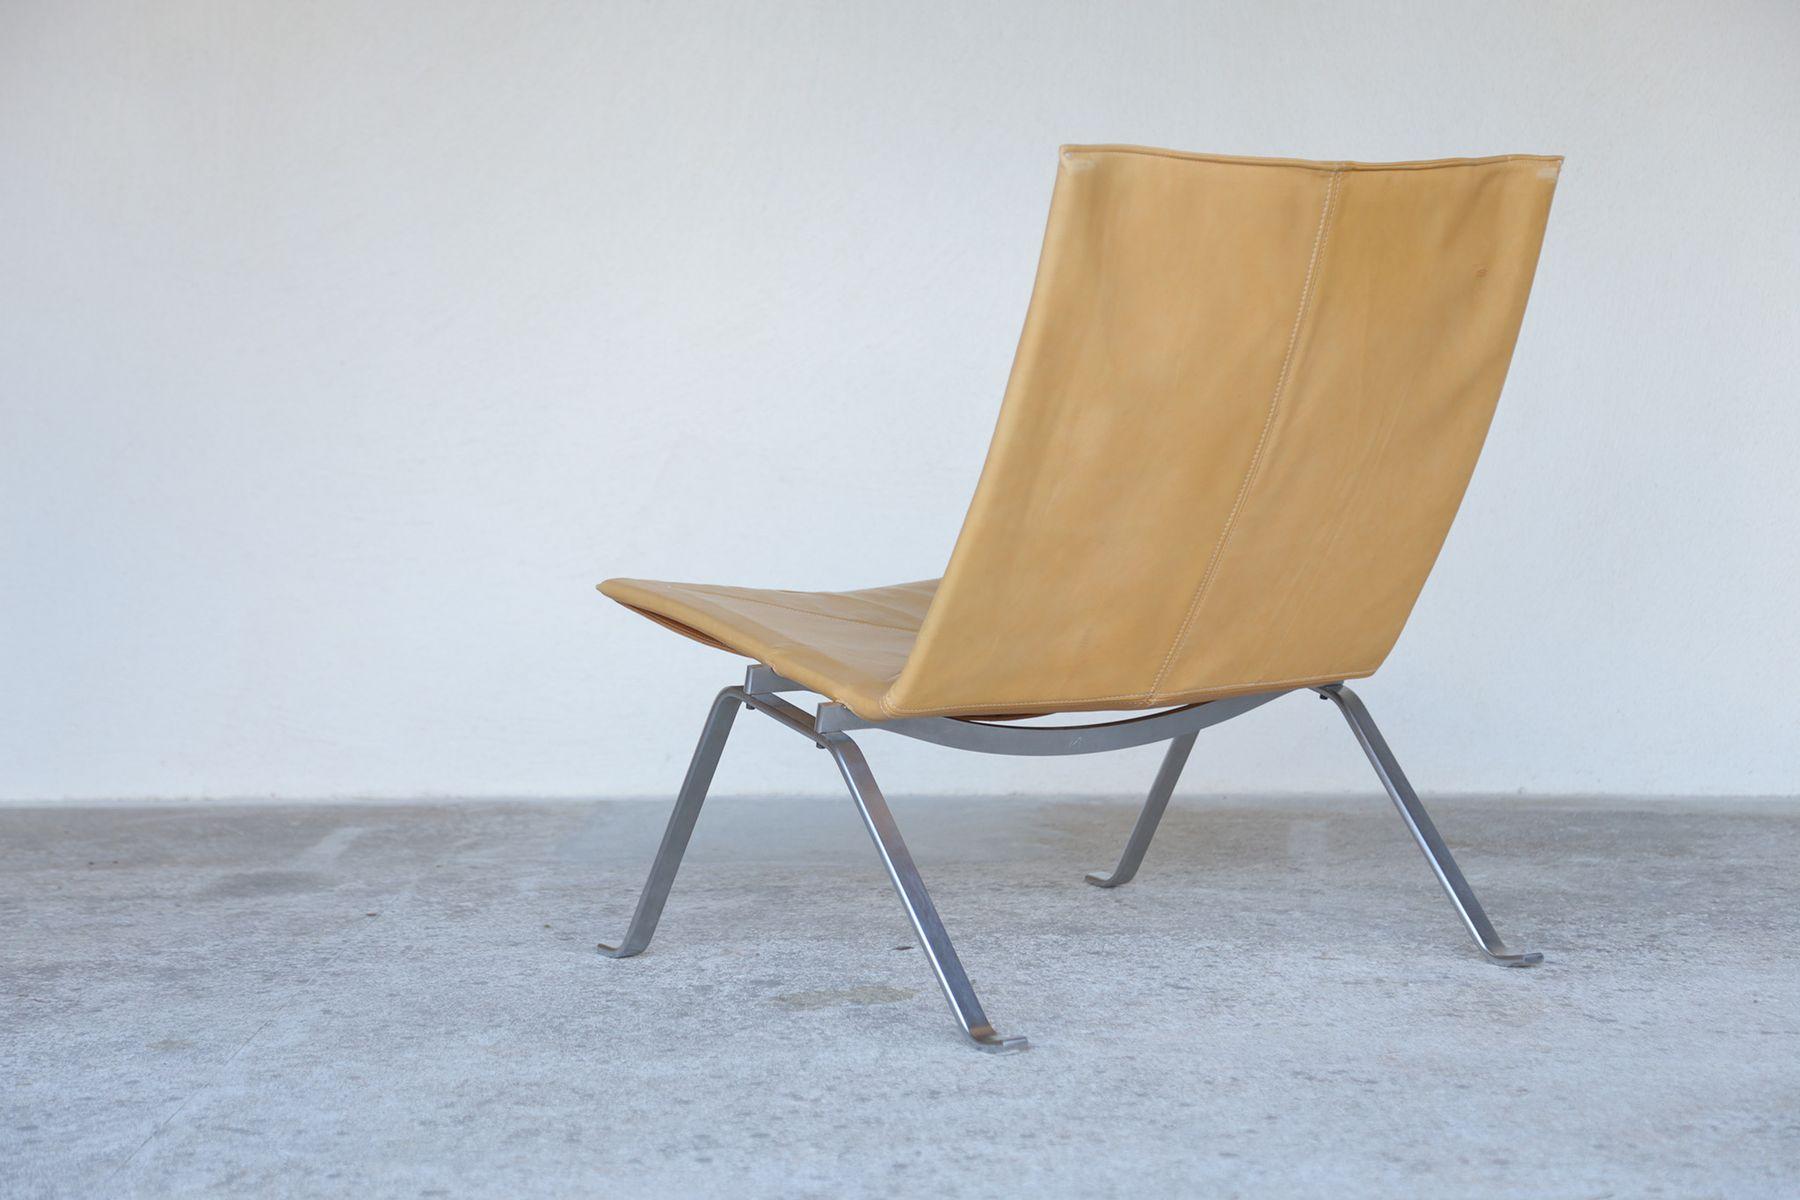 PK22 Easy Chair By Poul Kjaerholm For E. Kold Christensen